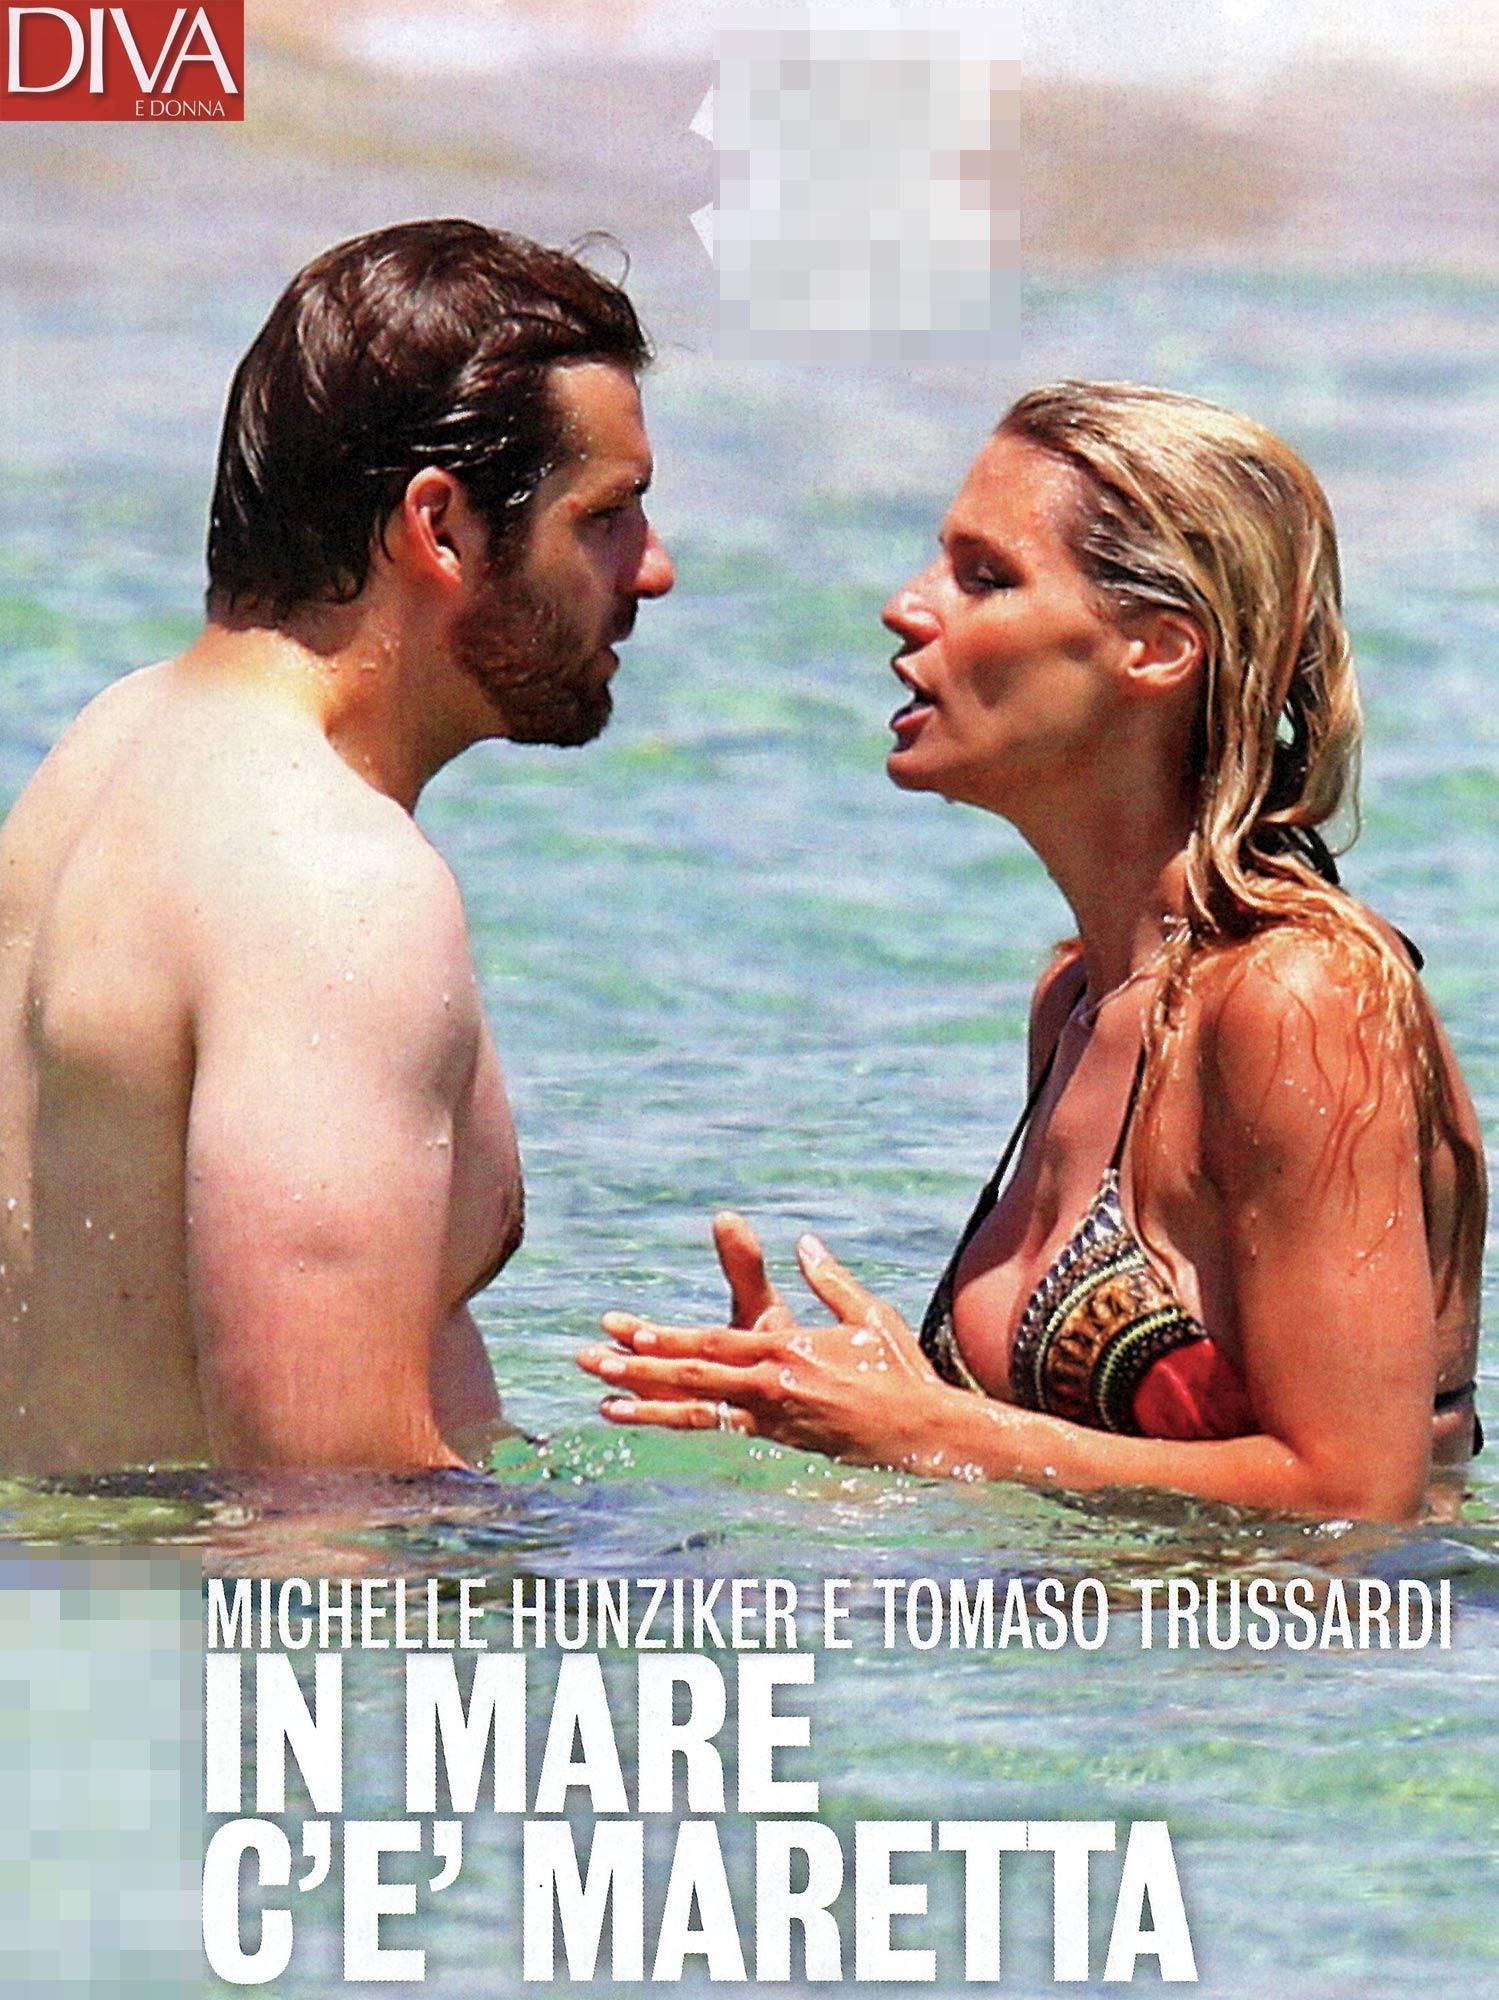 Michelle Hunziker e Tomaso Trussardi: è lite! Ecco cos'è successo